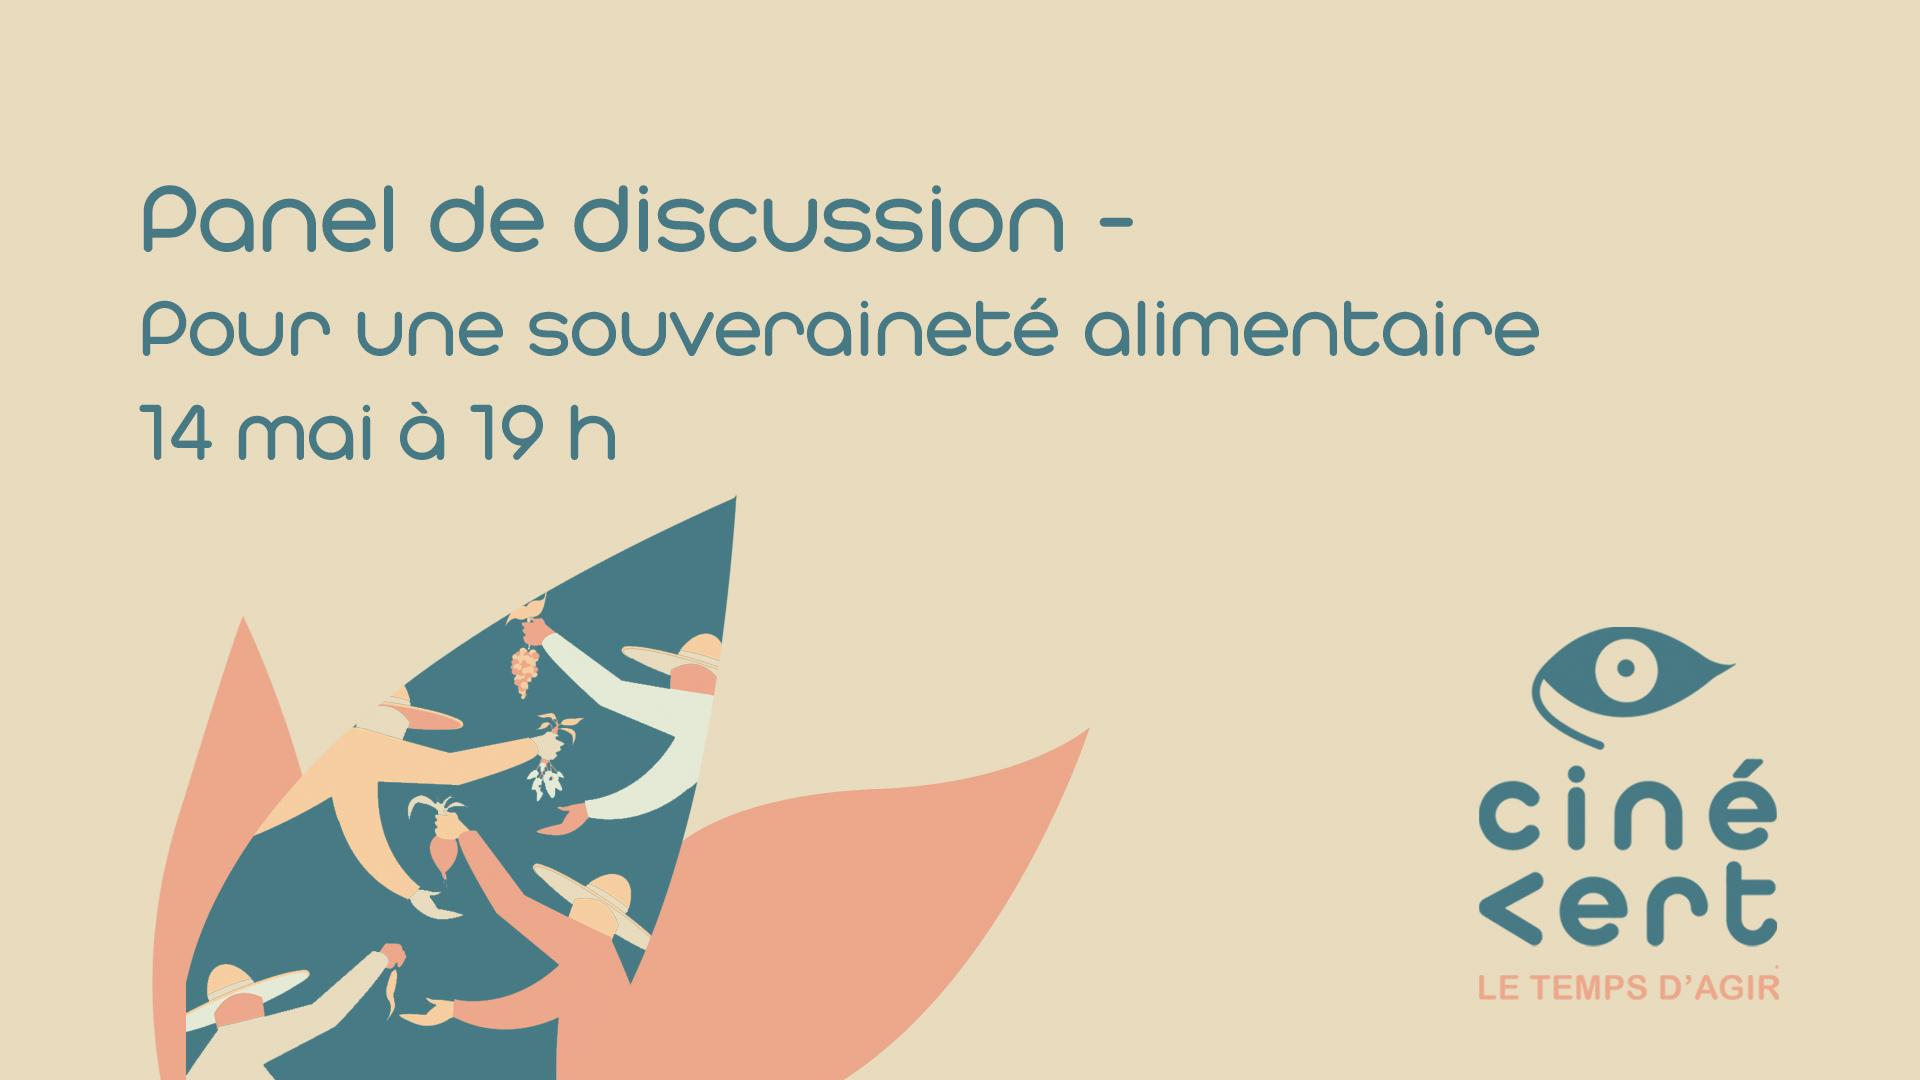 Voyez « La Ferme et son État » de Marc Seguin gratuitement et discutez de la souveraineté alimentaire au Québec suite au visionnement du film